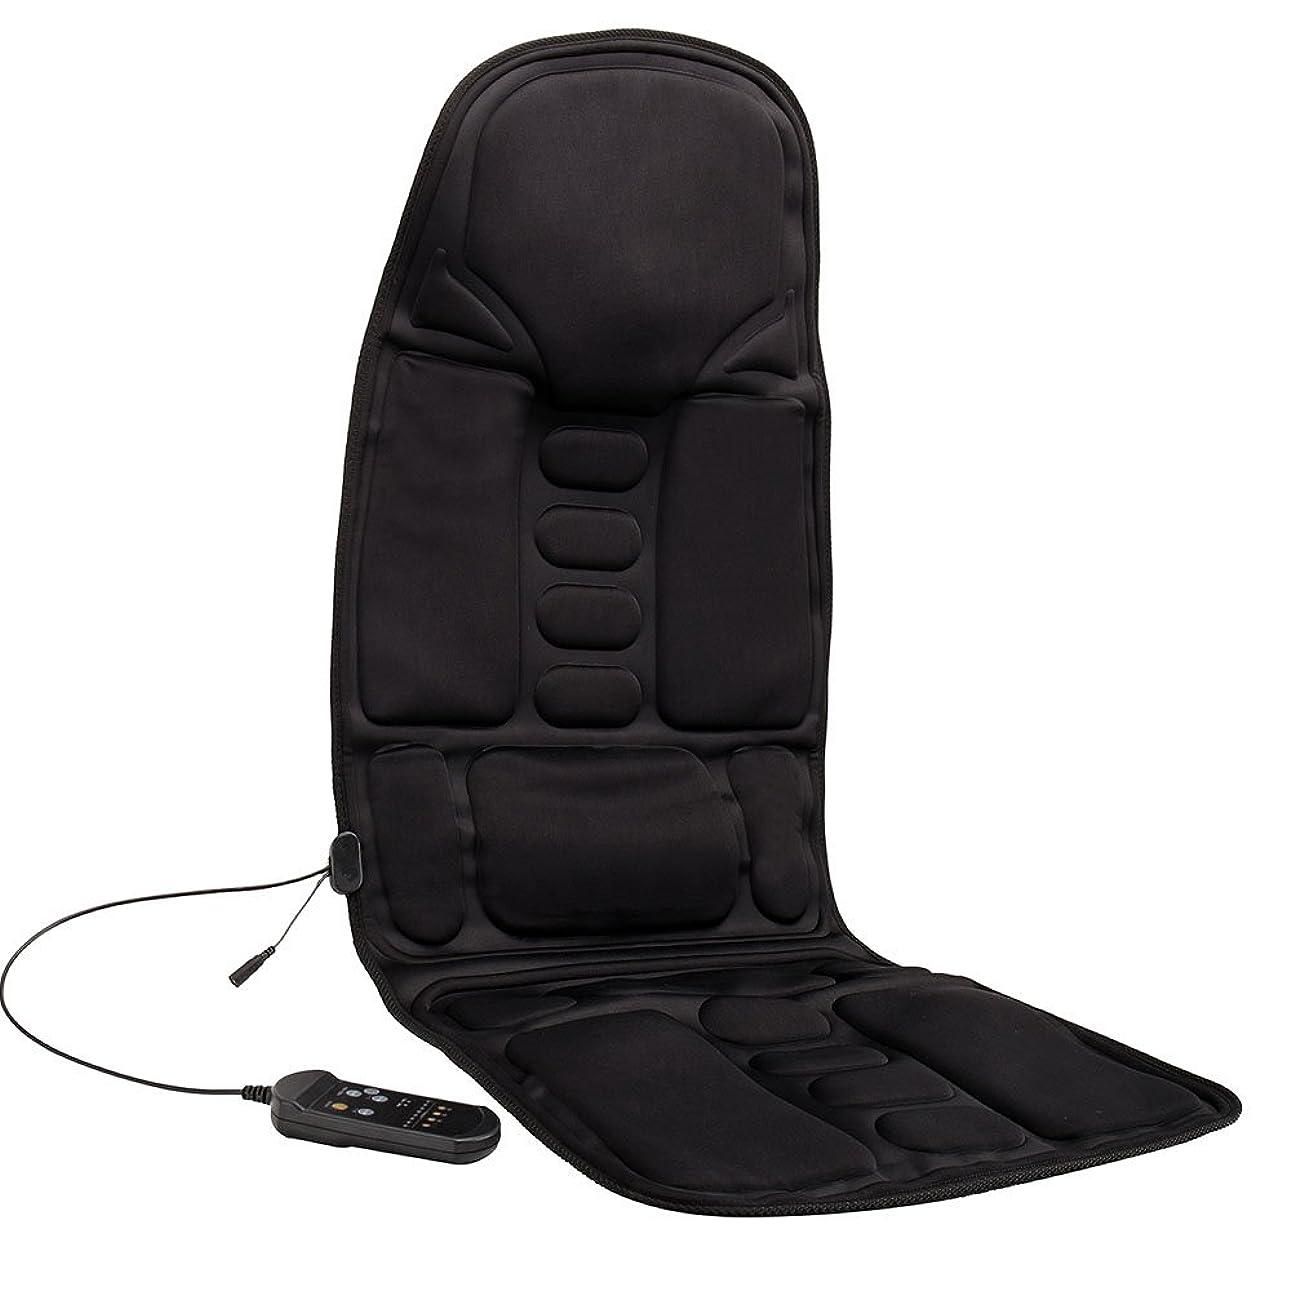 学生排気回復するKindness マッサージシート ヒーター搭載 高品質PUレザー製 どこでもマッサージャー オフィス 旅行 ホーム 車シート ギフト ブラック